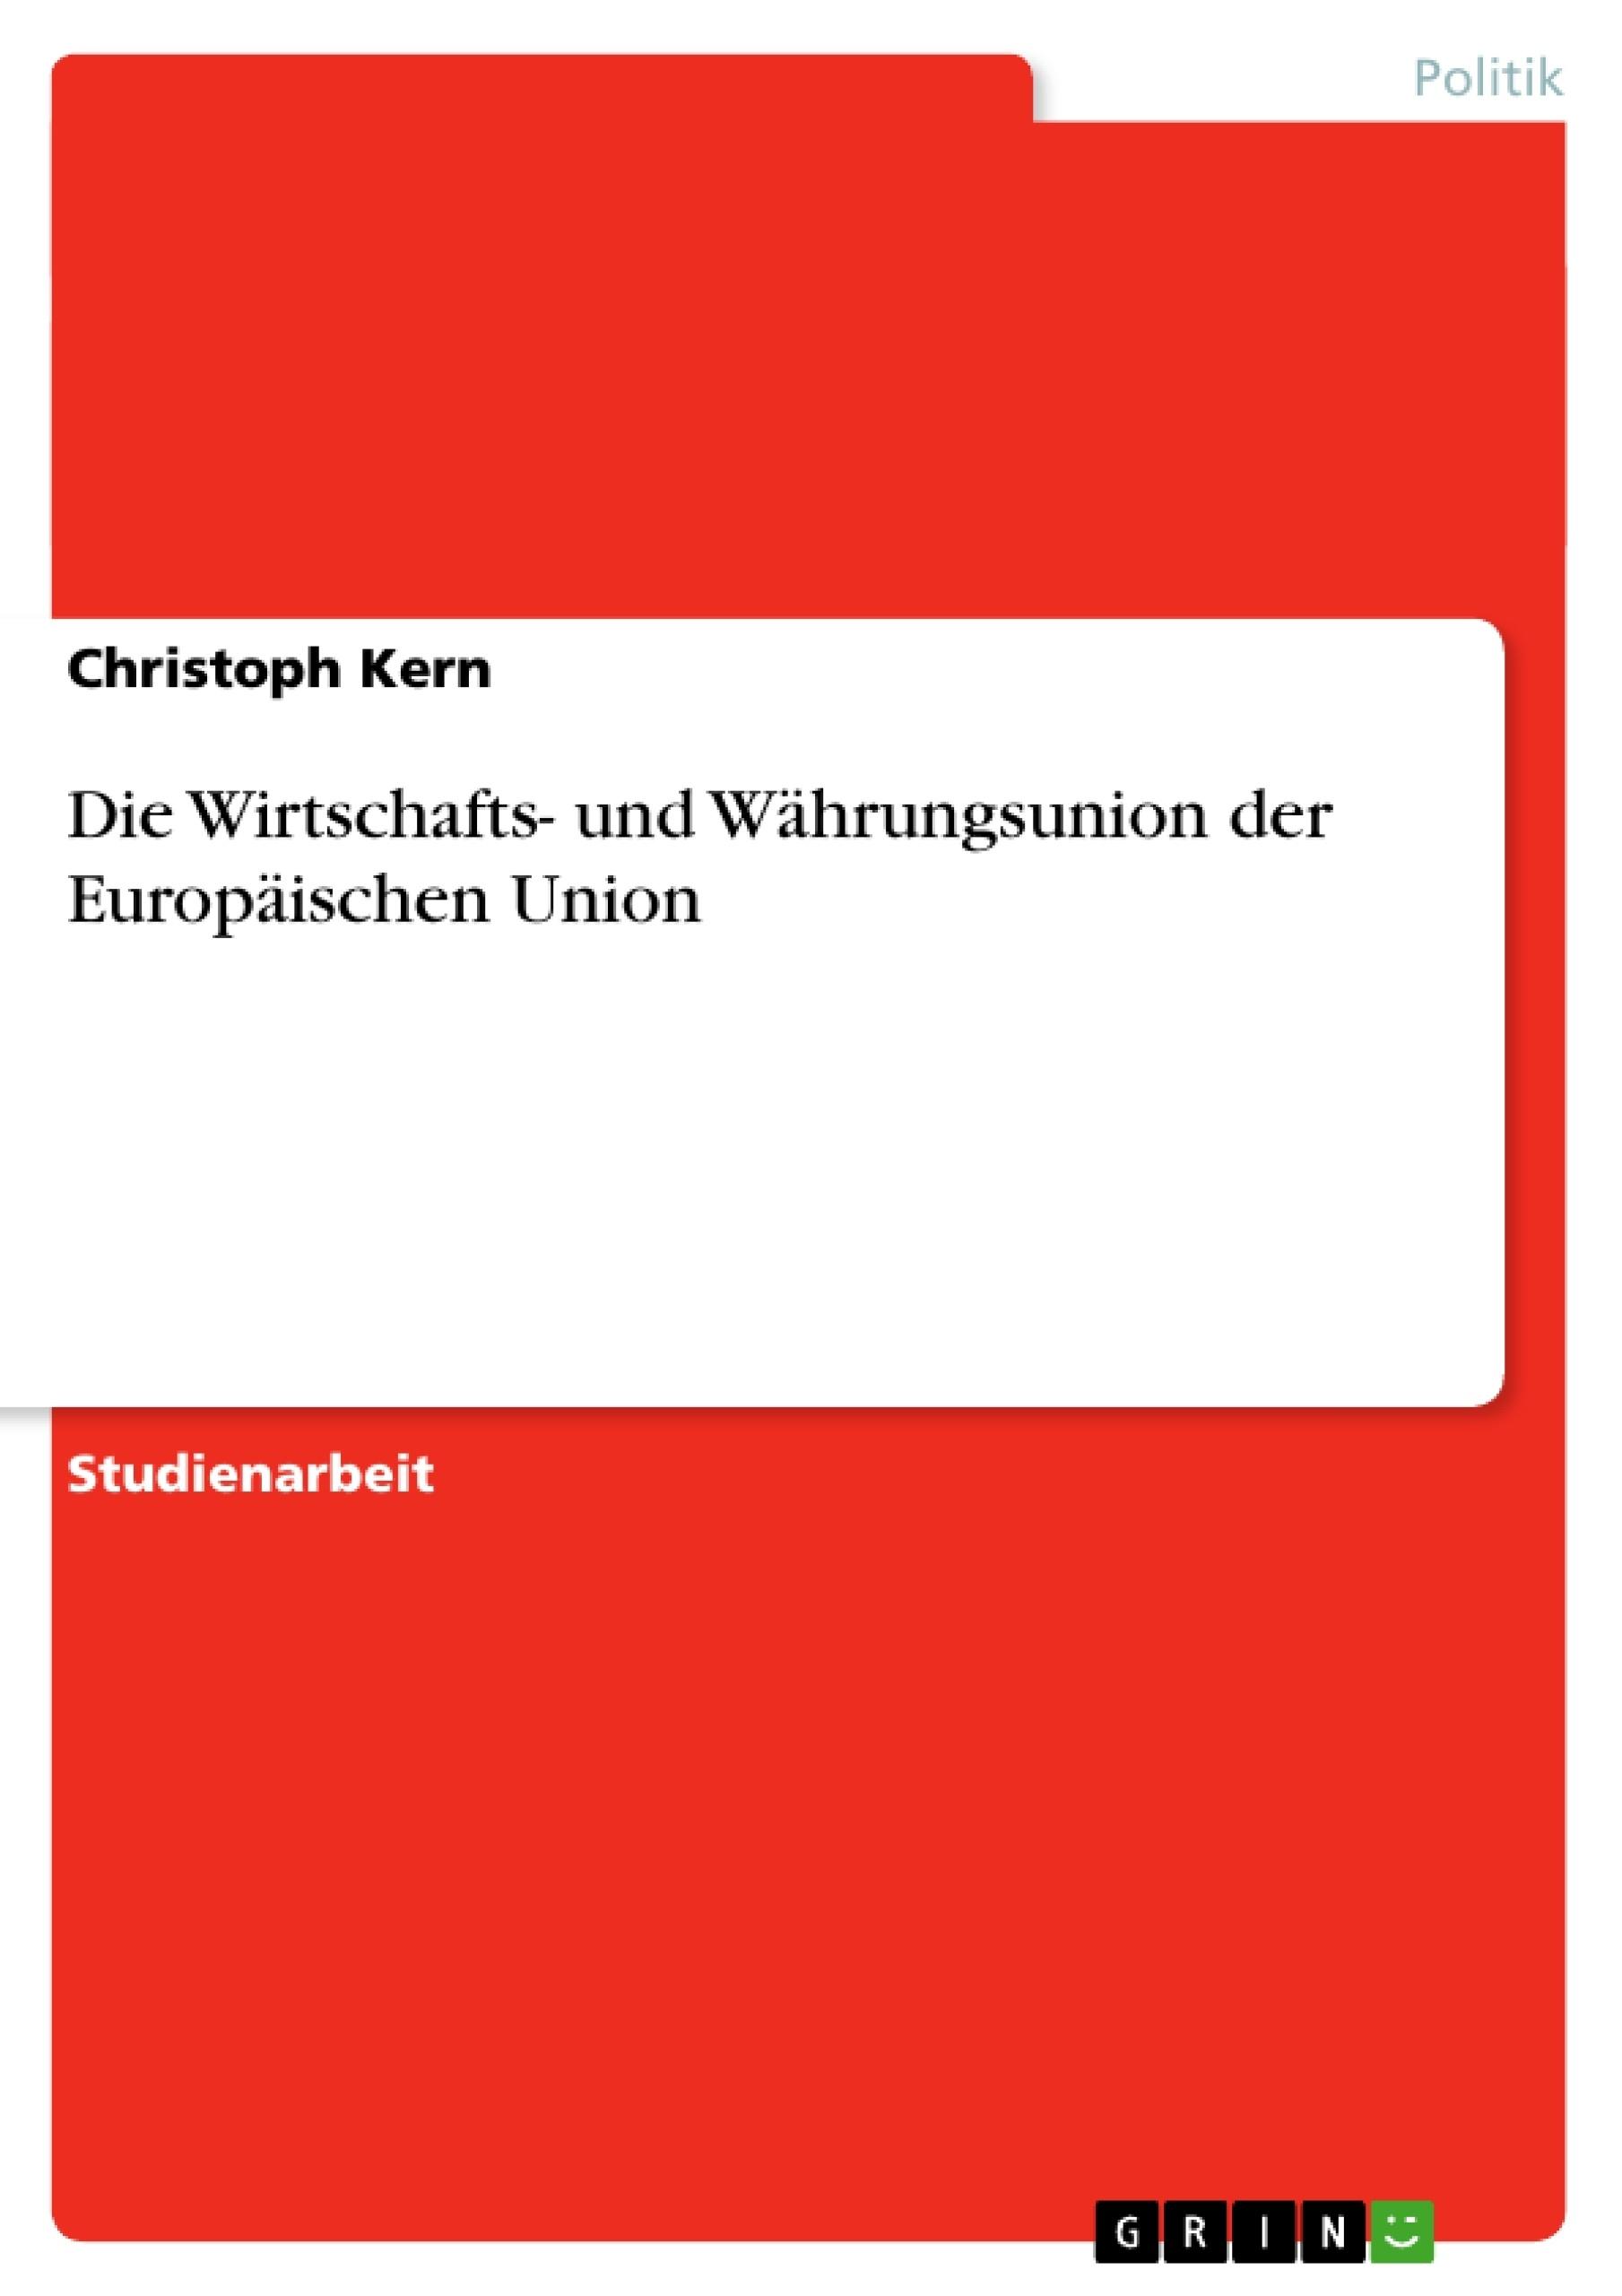 Titel: Die Wirtschafts- und Währungsunion der Europäischen Union